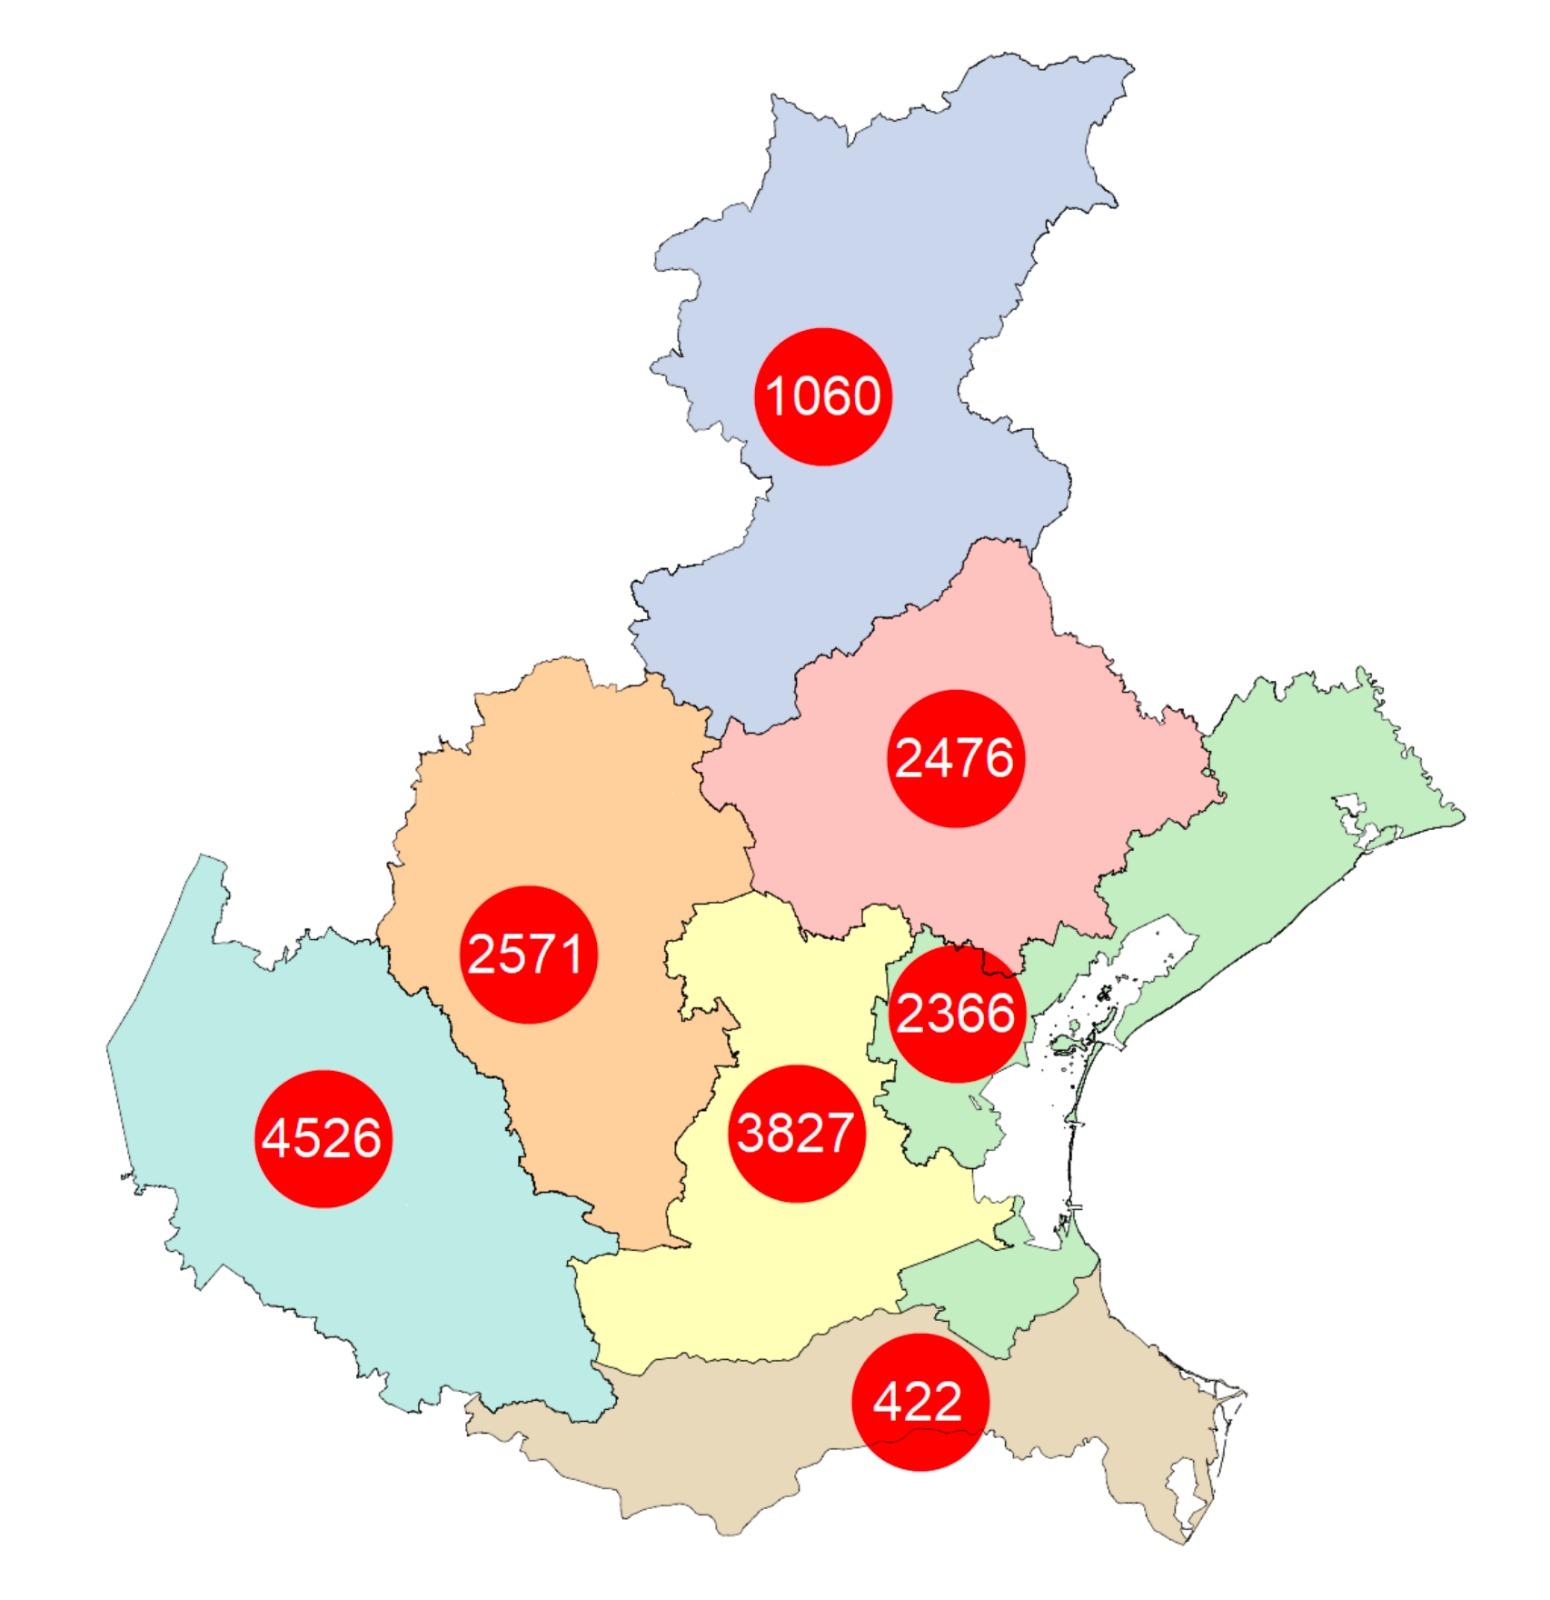 Cartina Veneto Comuni.Mappa Dei Contagi In Veneto Comune Per Comune Aggiornamento 27 Aprile Ore 8 Radio Piu